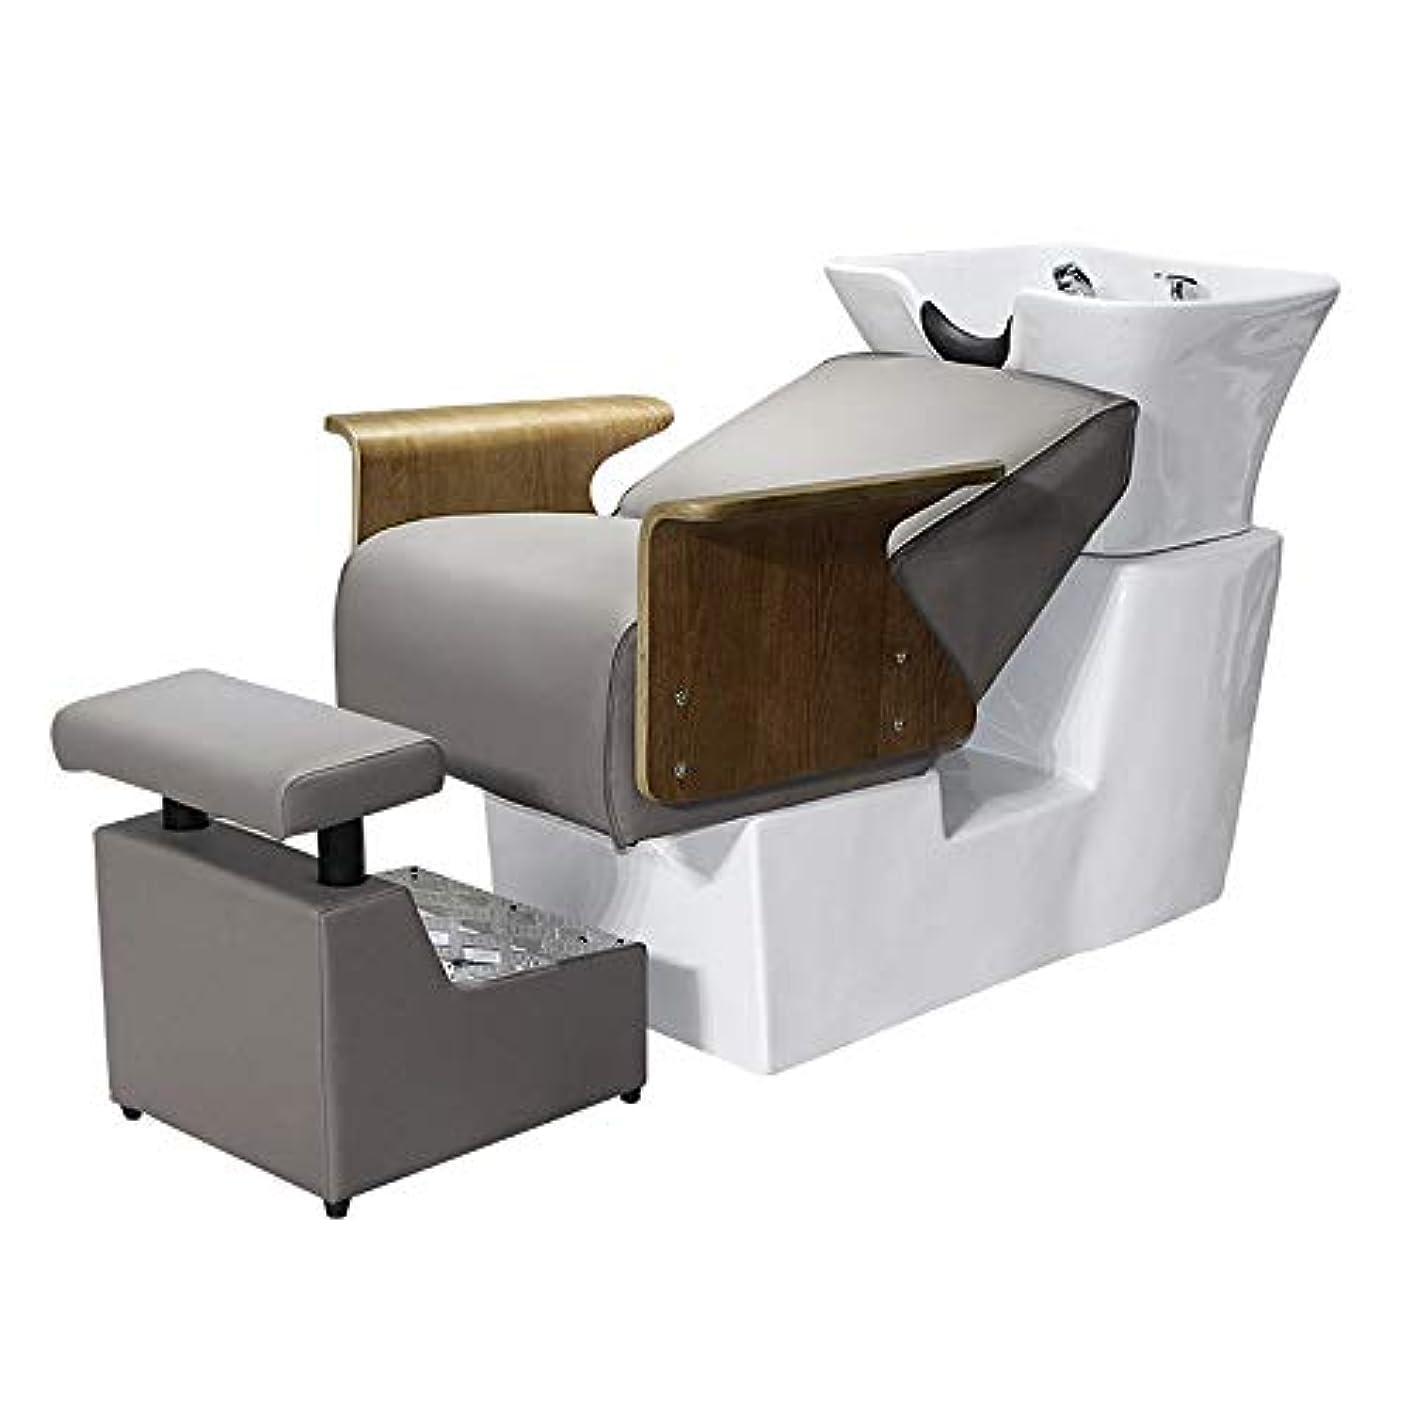 ソフトウェアメロドラマティック週末シャンプーの椅子、陶磁器の洗面器のシャンプーのベッドの逆洗の単位の鉱泉の美容院装置のためのシャンプーボールの理髪の流しの椅子